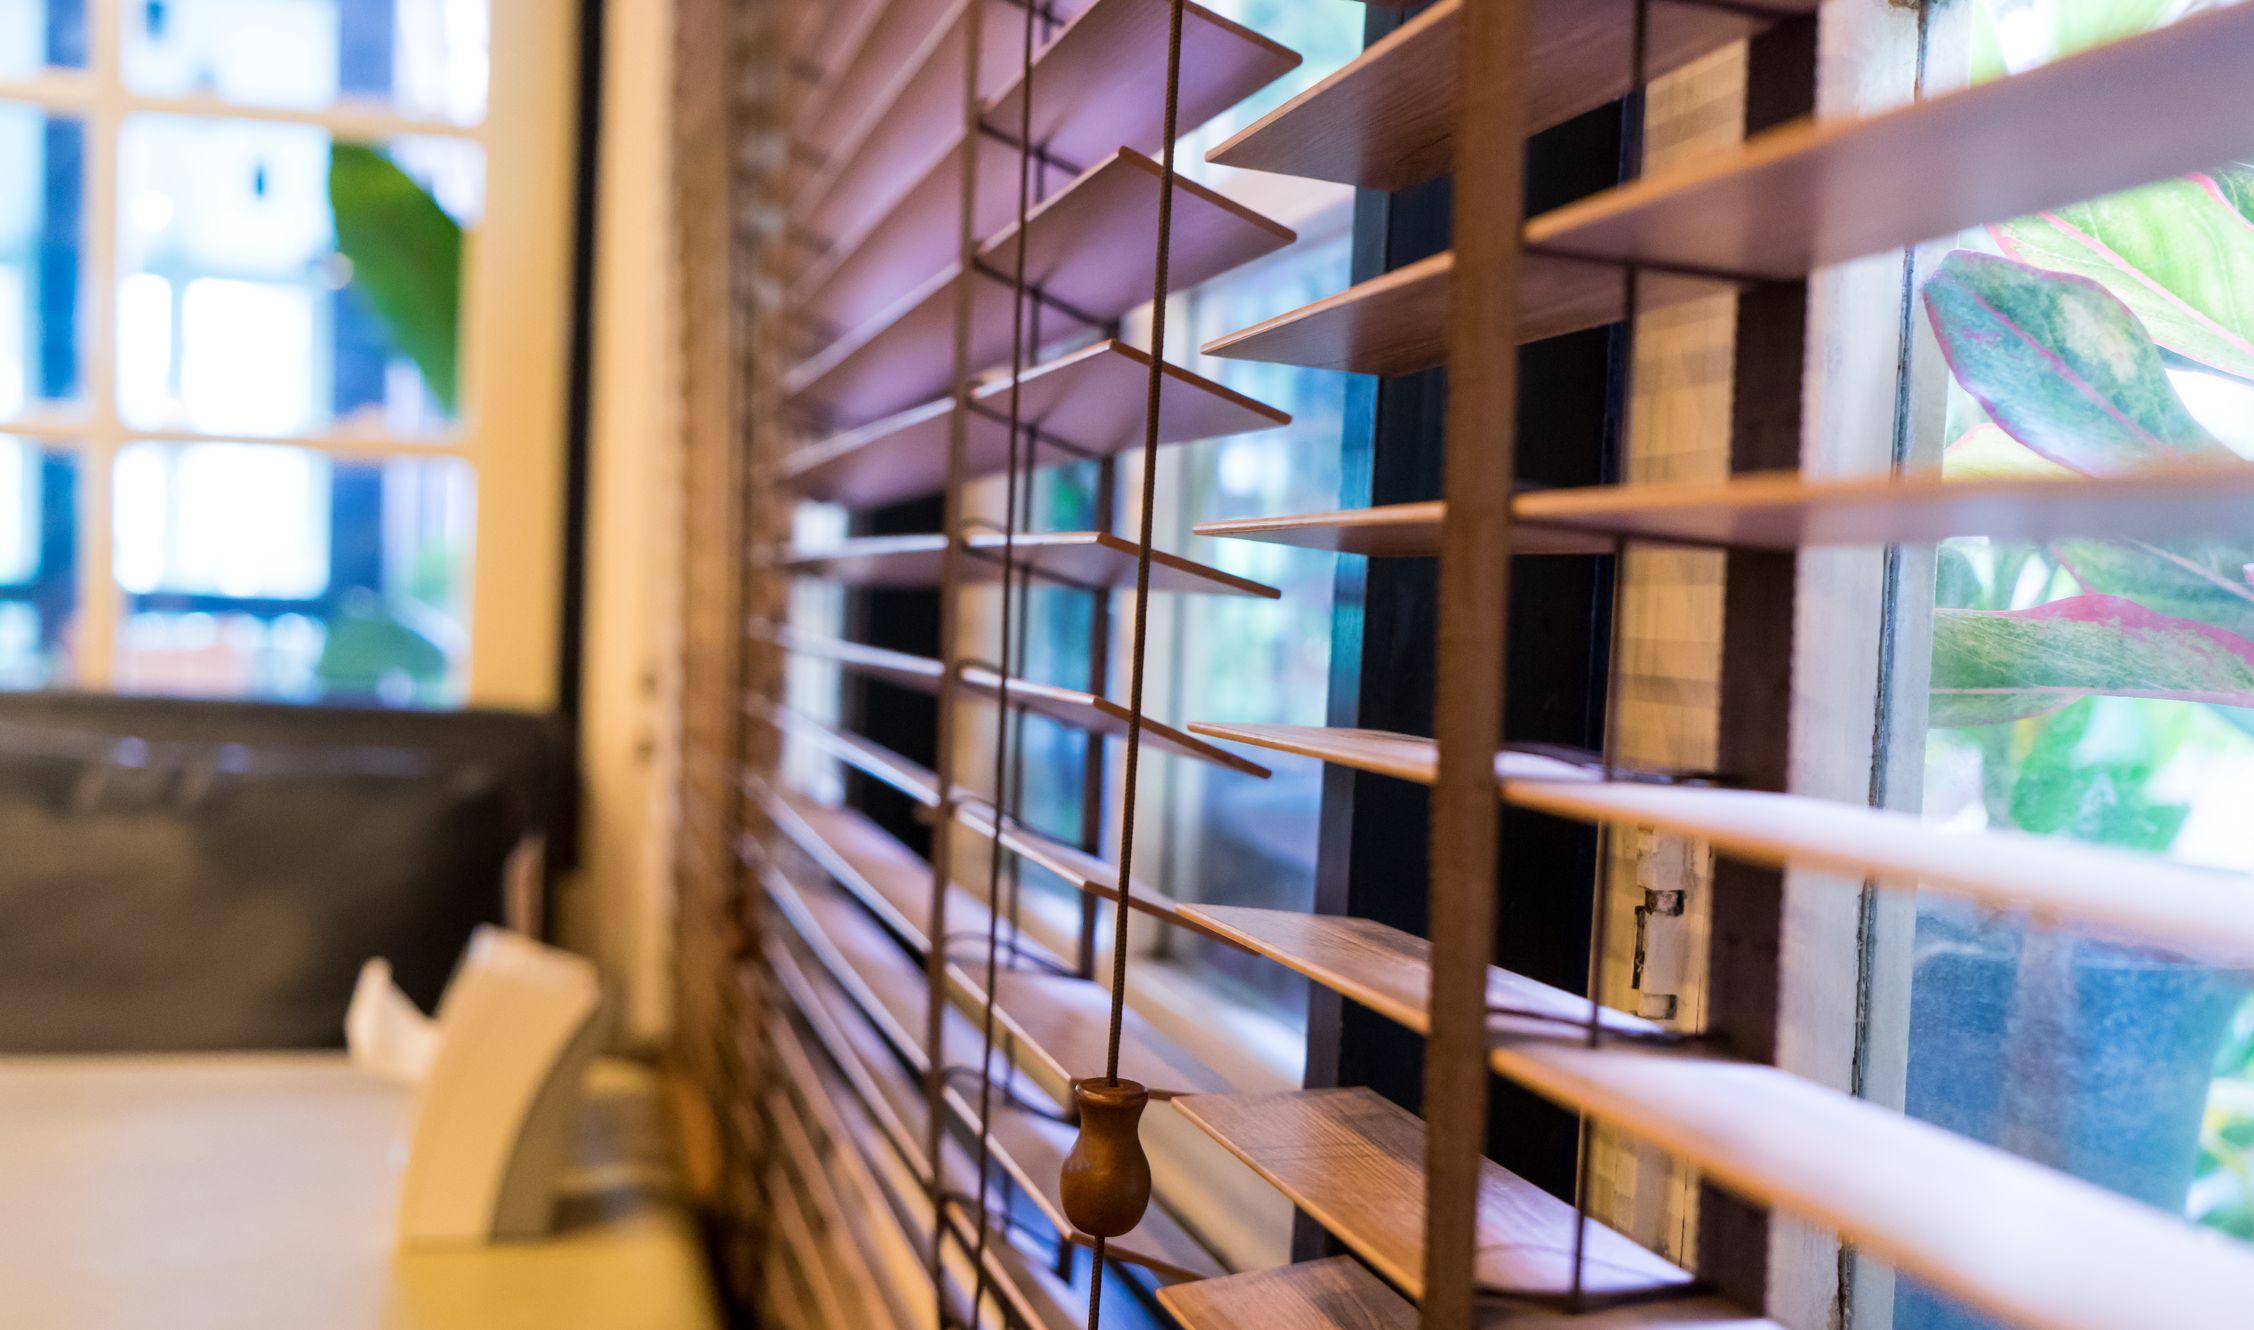 Creon Raamdecoratie Creonraamdecoratie Profiel Pinterest